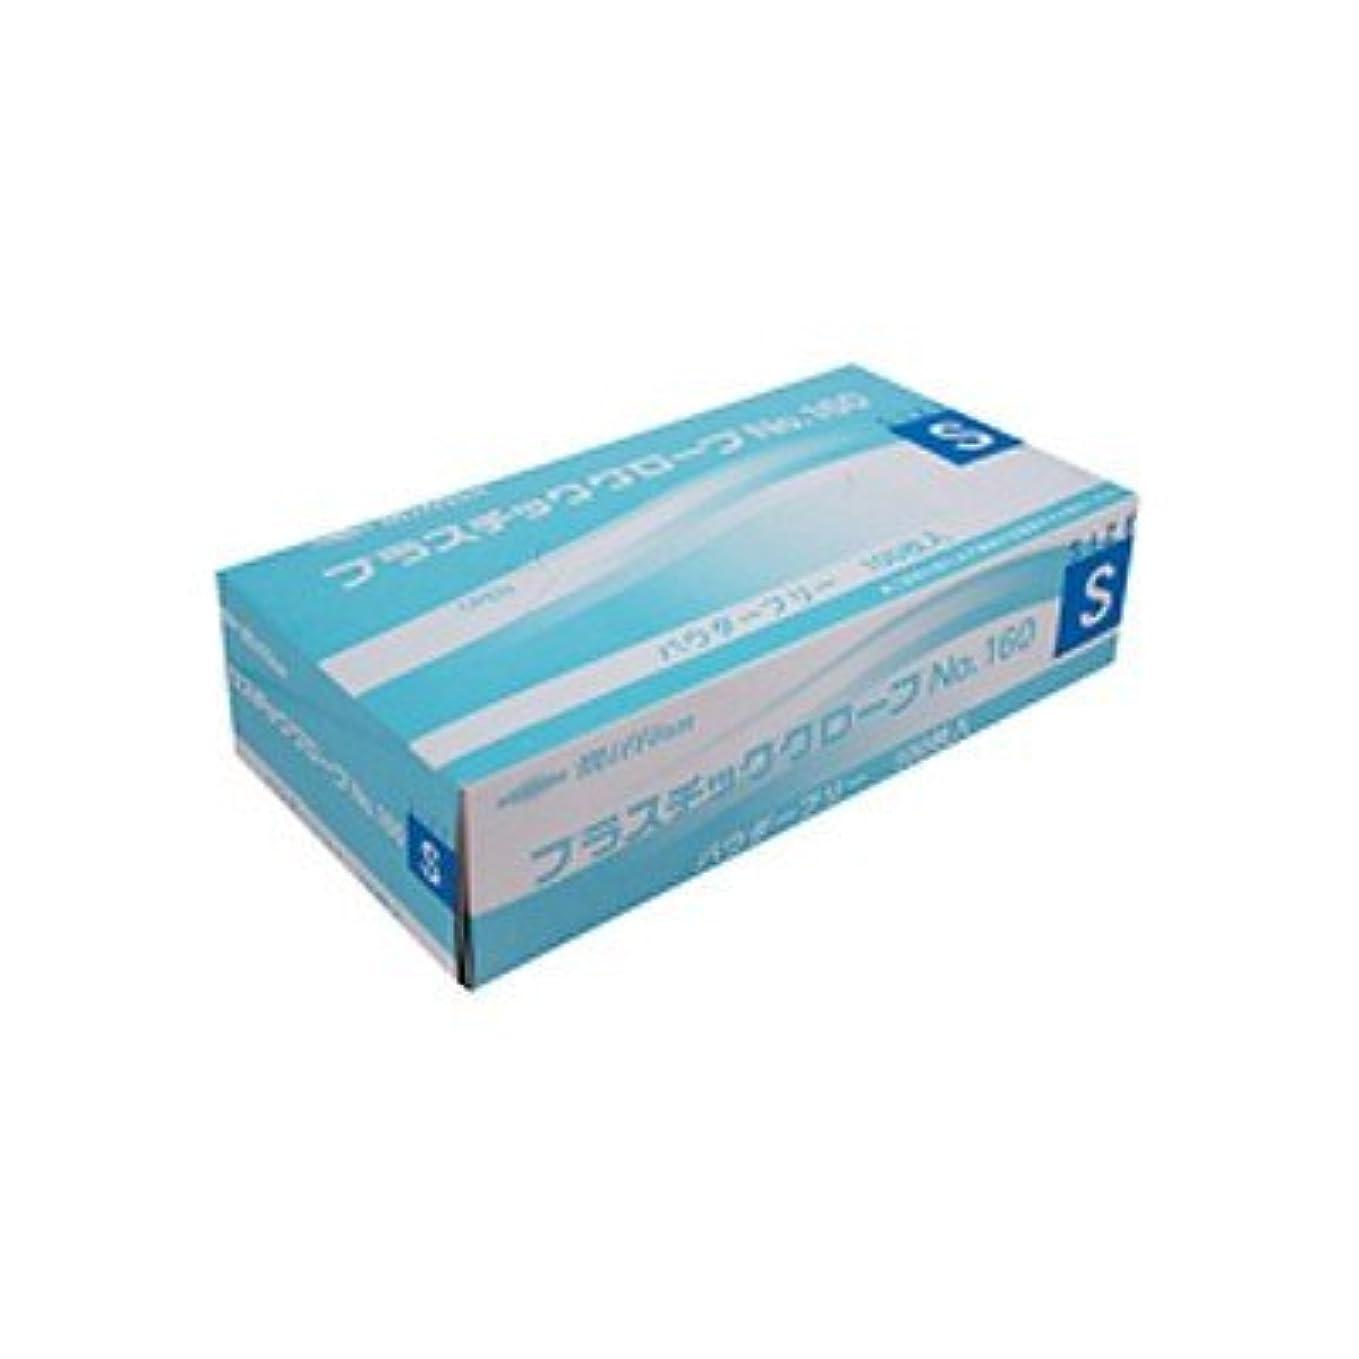 安らぎいくつかのセミナーミリオン プラスチック手袋 粉無 No.160 S 品番:LH-160-S 注文番号:62741613 メーカー:共和